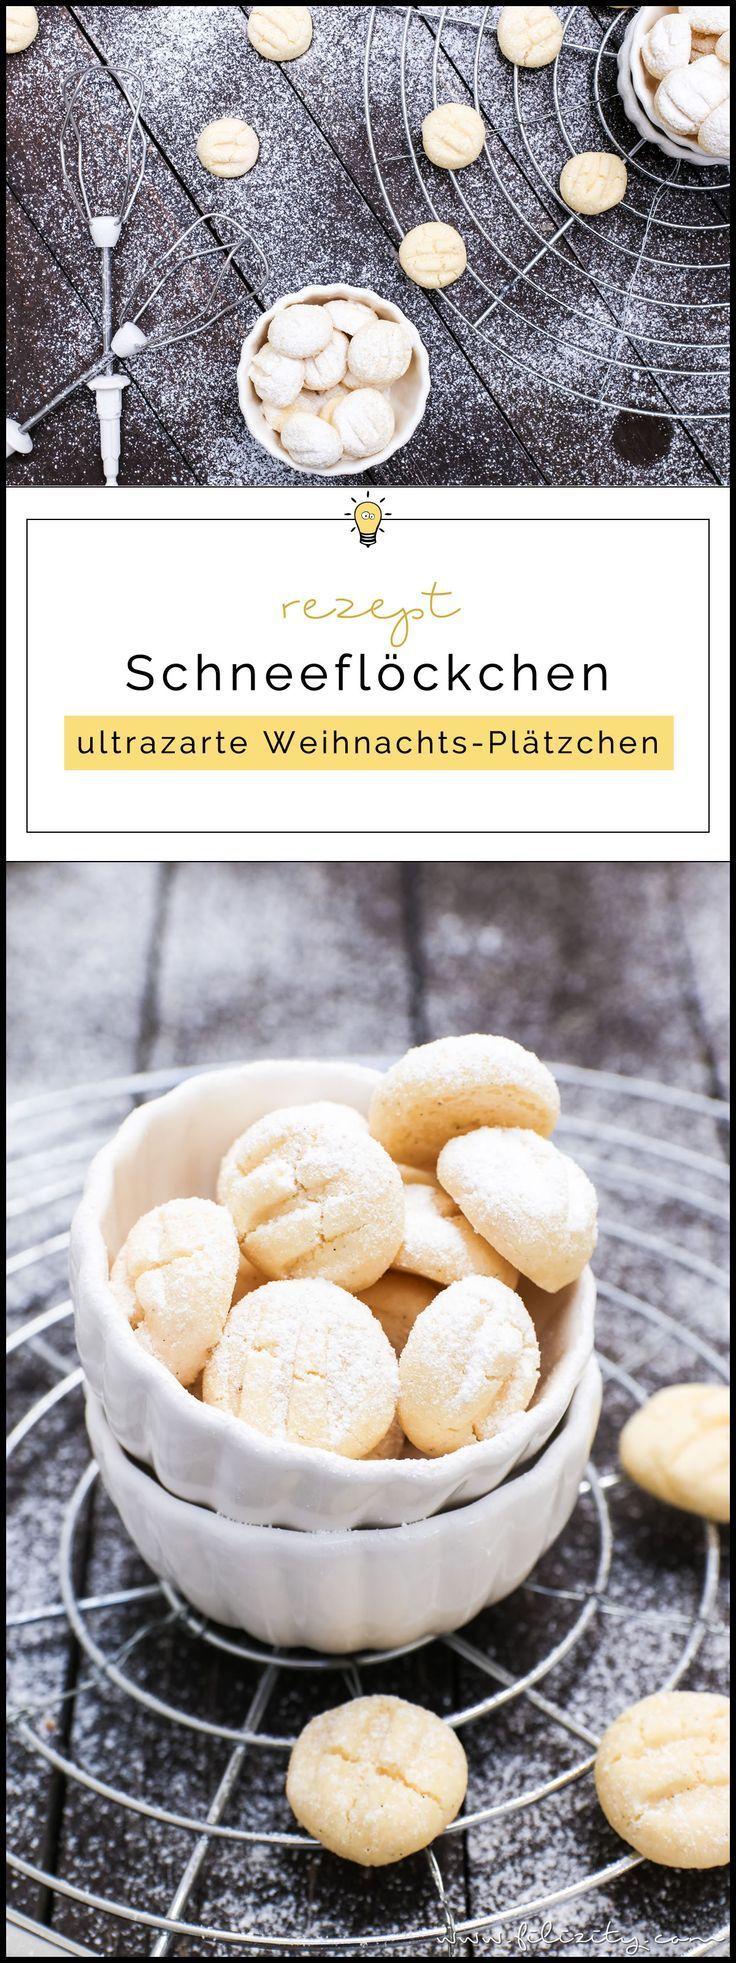 Schneeflöckchen - ultrazarte Weihnachts-Plätzchen | Filizity.com | Food-Blog aus dem Rheinland